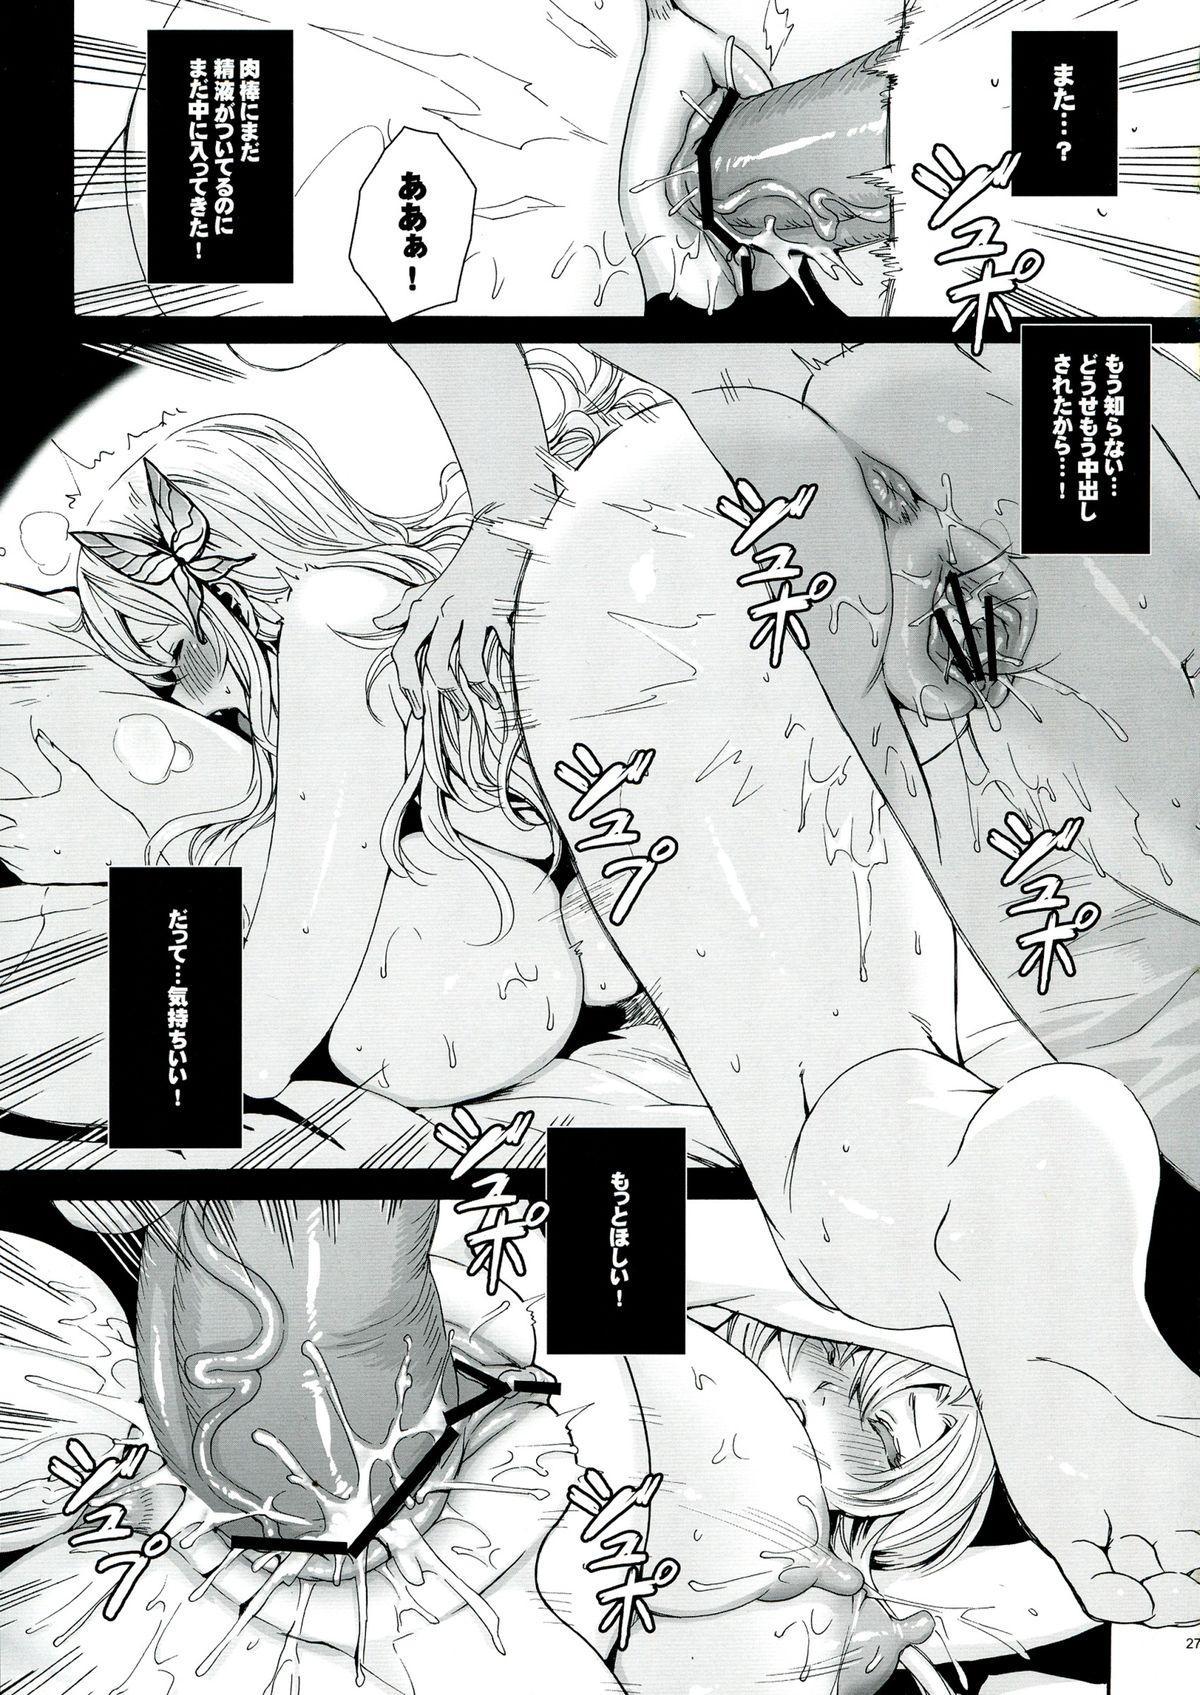 Sena 29sai Tomodachi ga Inai 26